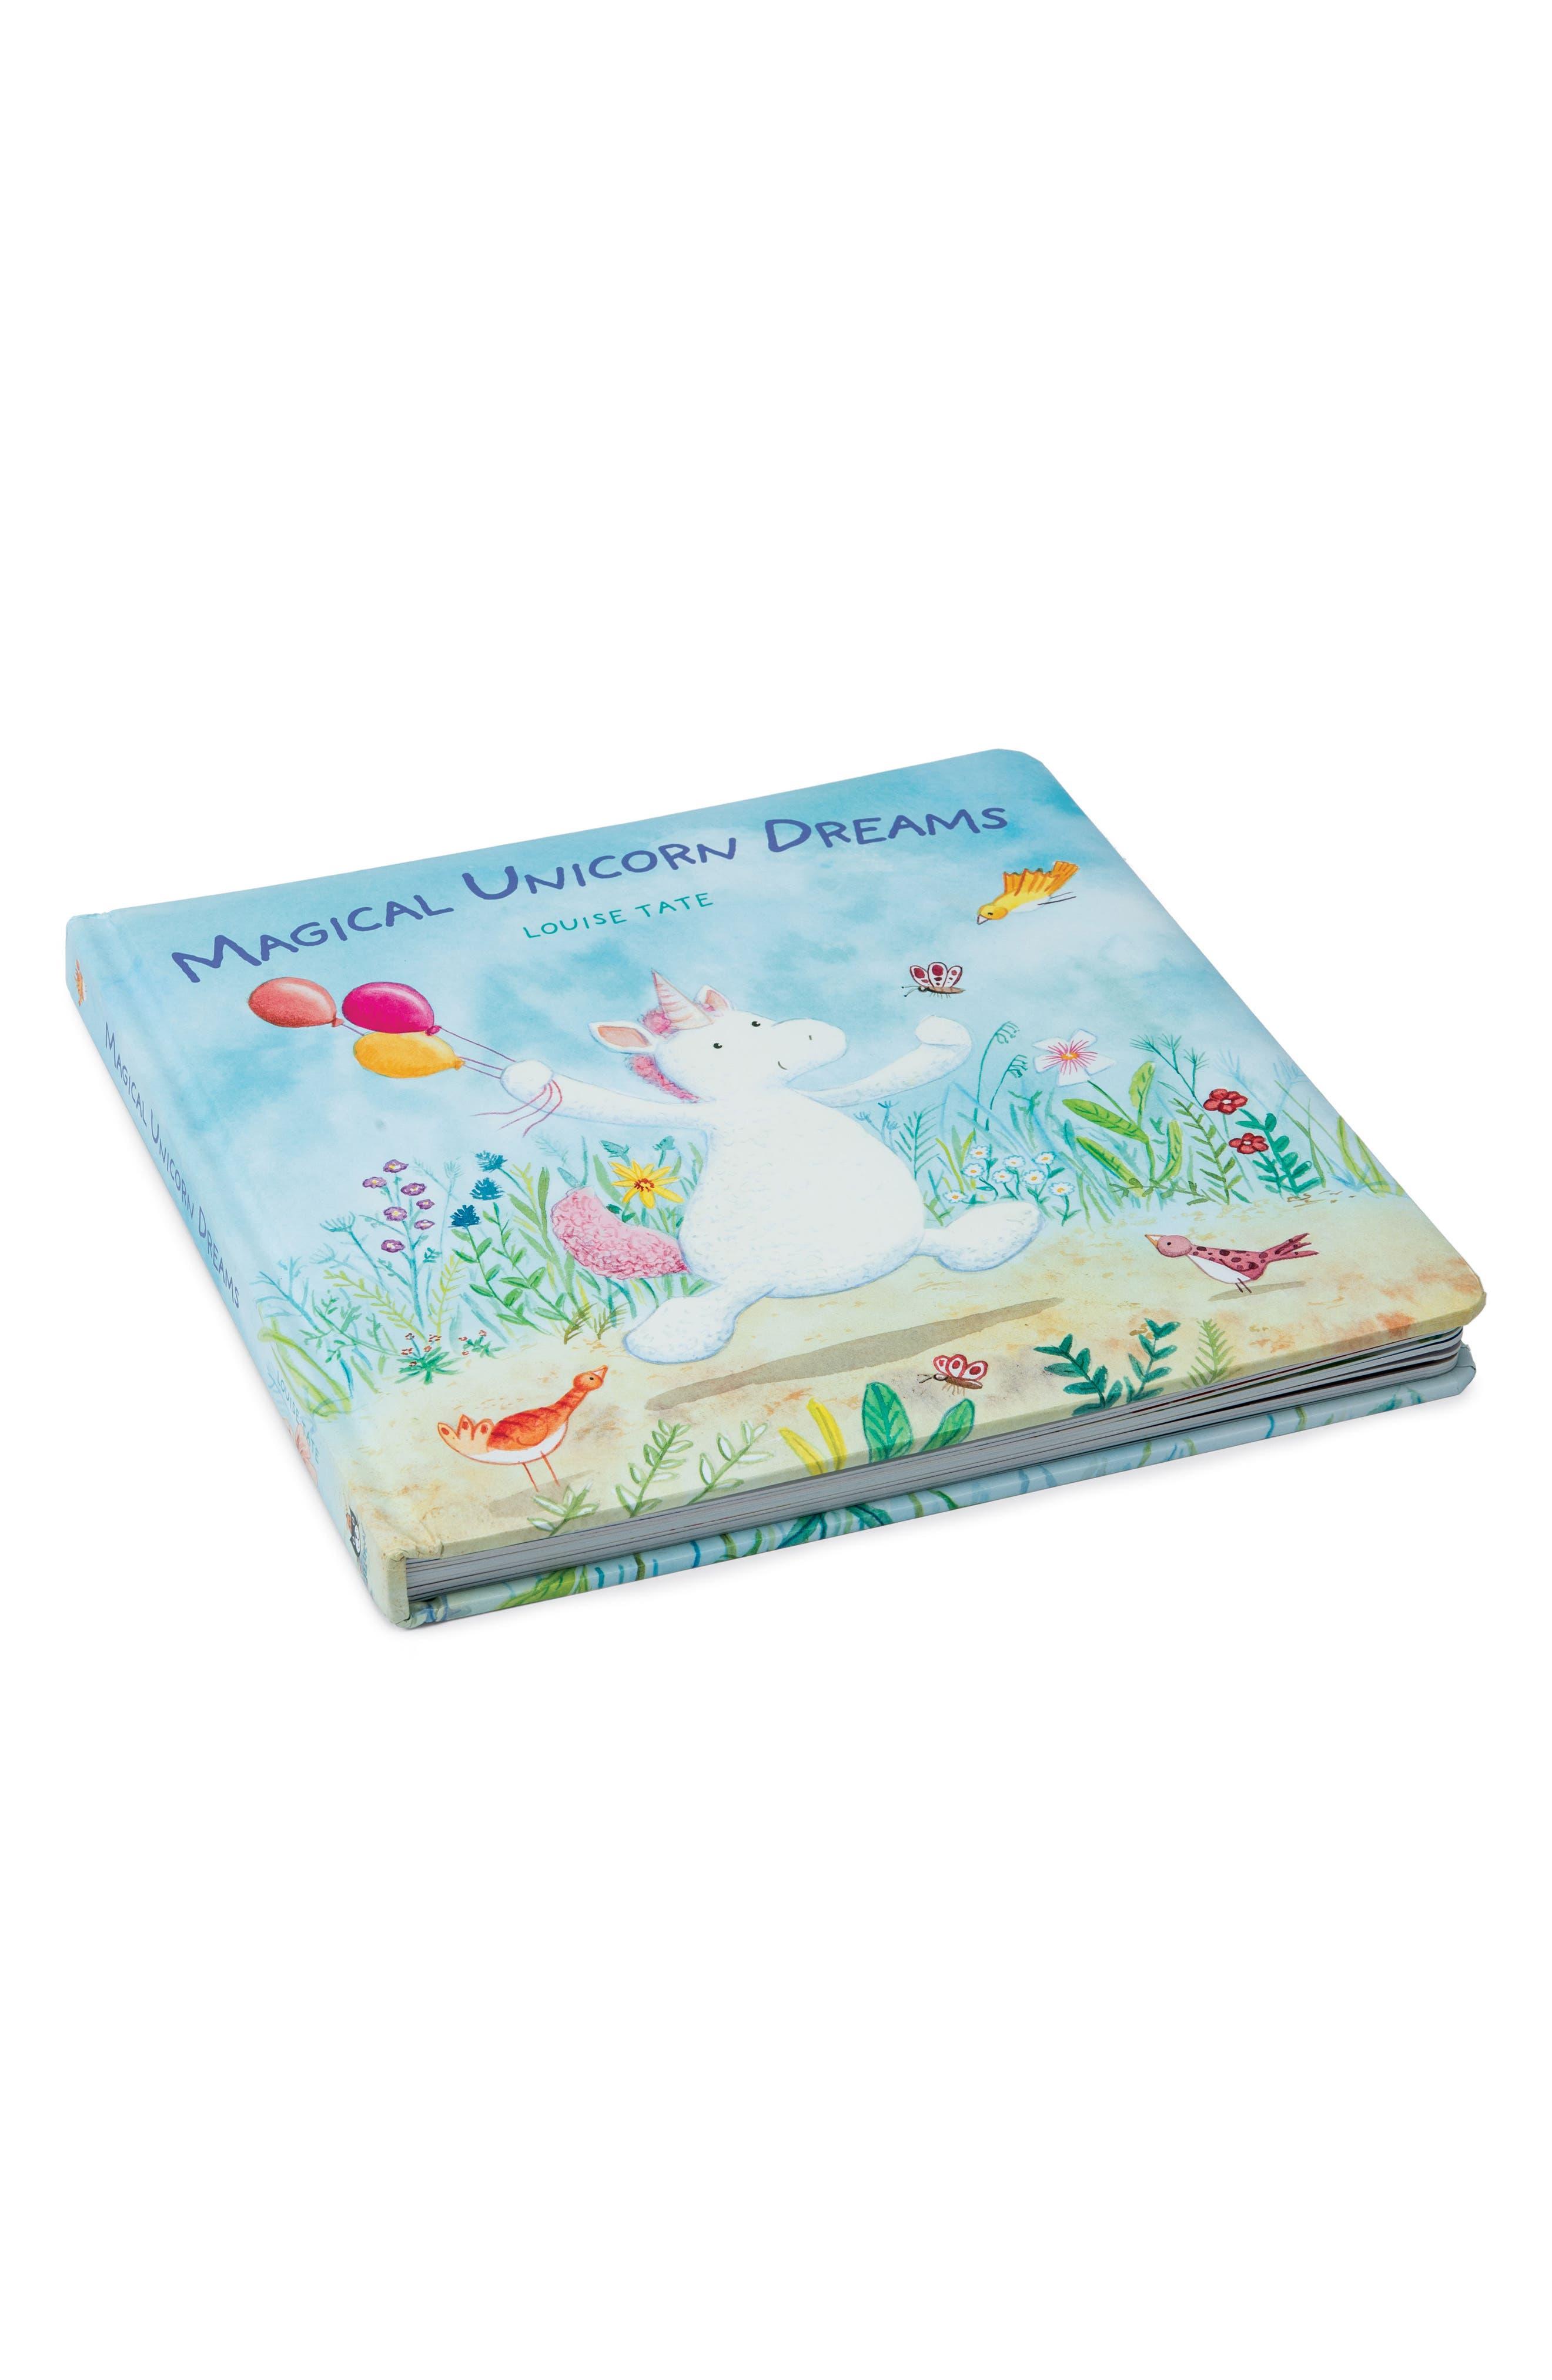 'Unicorn Dreams' Board Book,                         Main,                         color, White